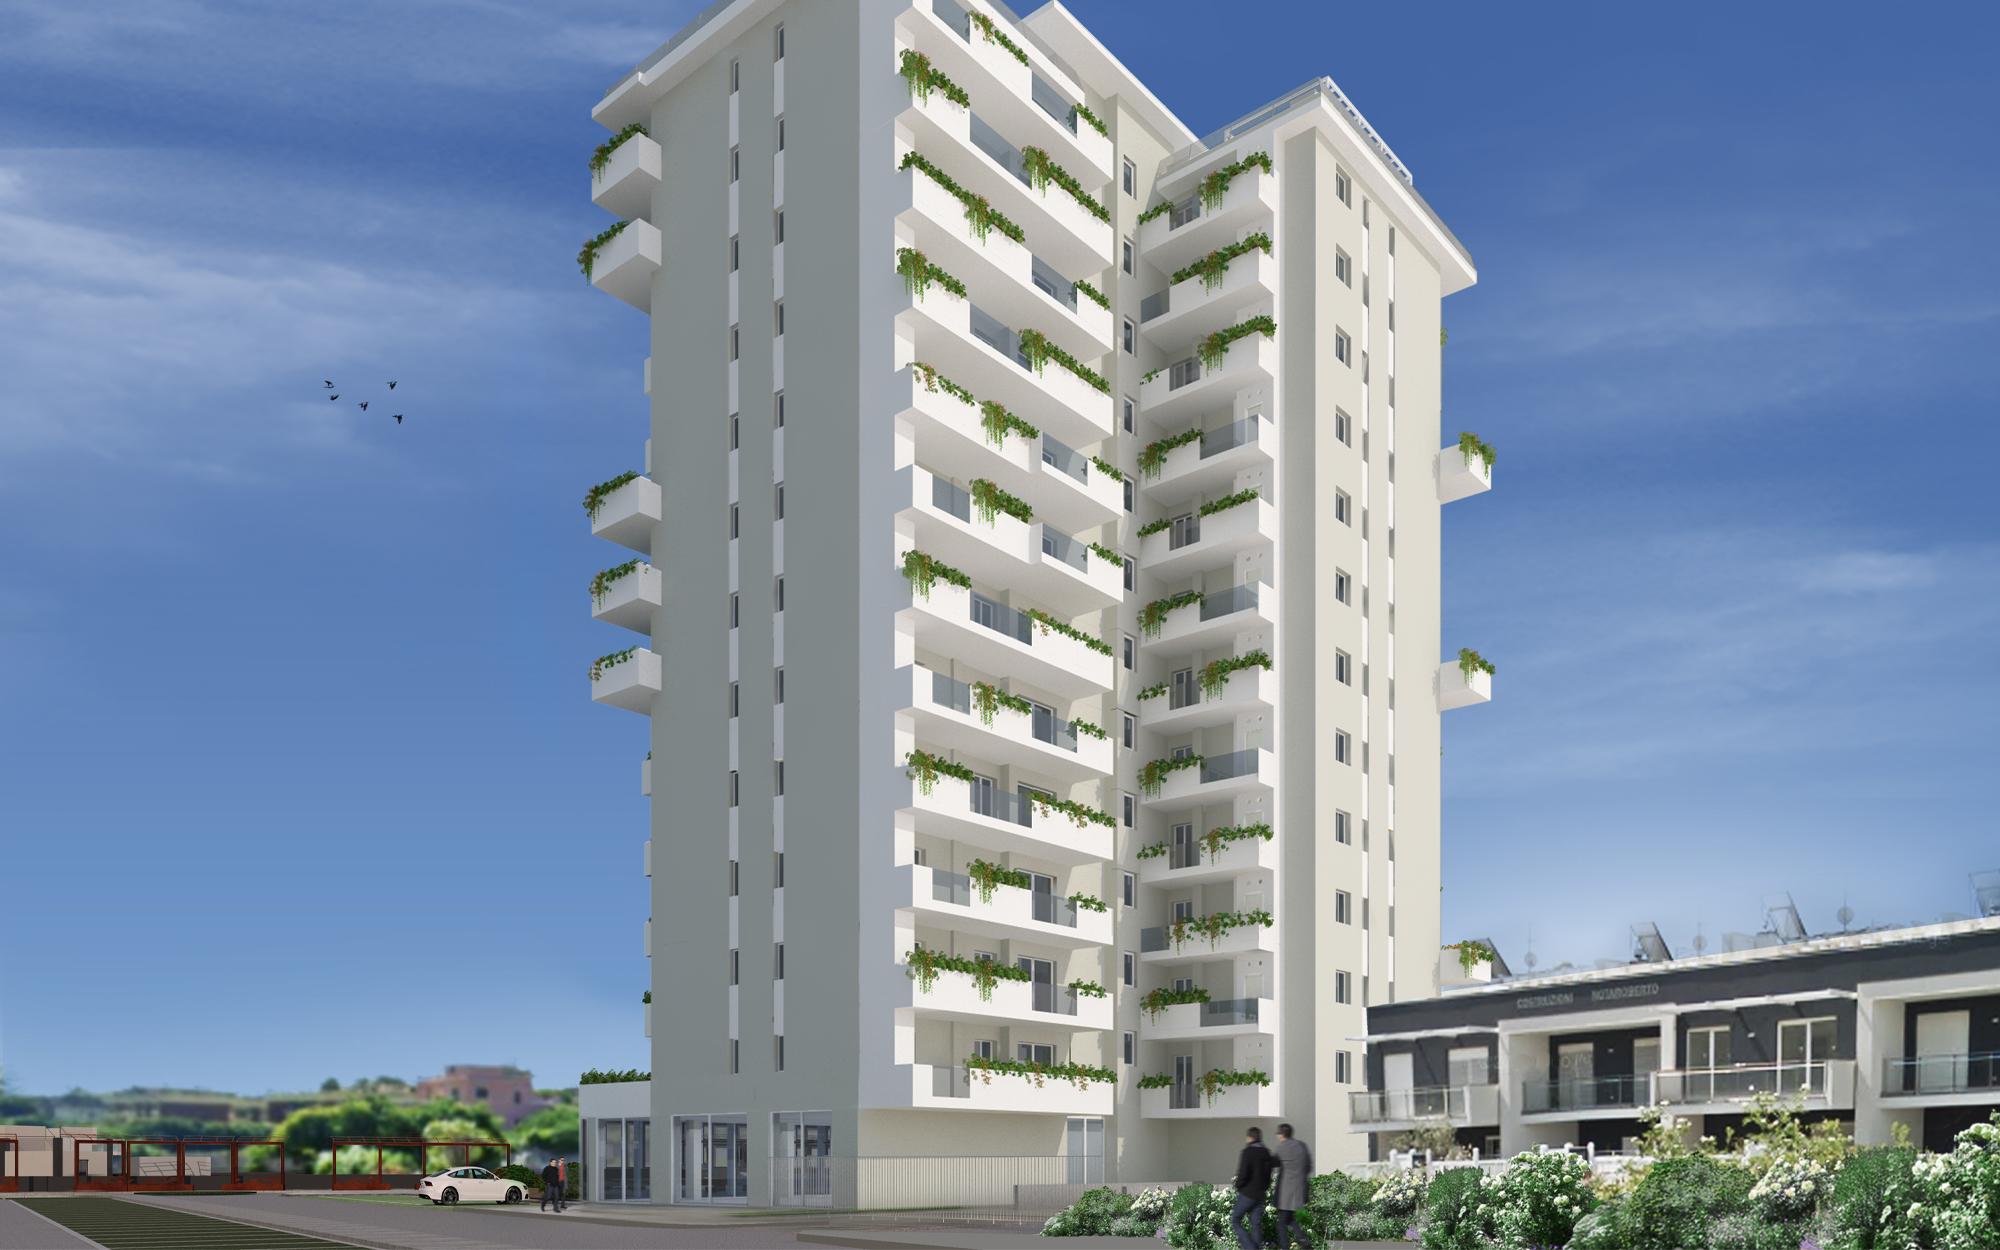 milara-srl-gruppo-postiglione-societa-di-costruzioni-e-vendita-appartamenti-immobili-residenziali-commerciali-cr28-torre-mare-arbostella-006